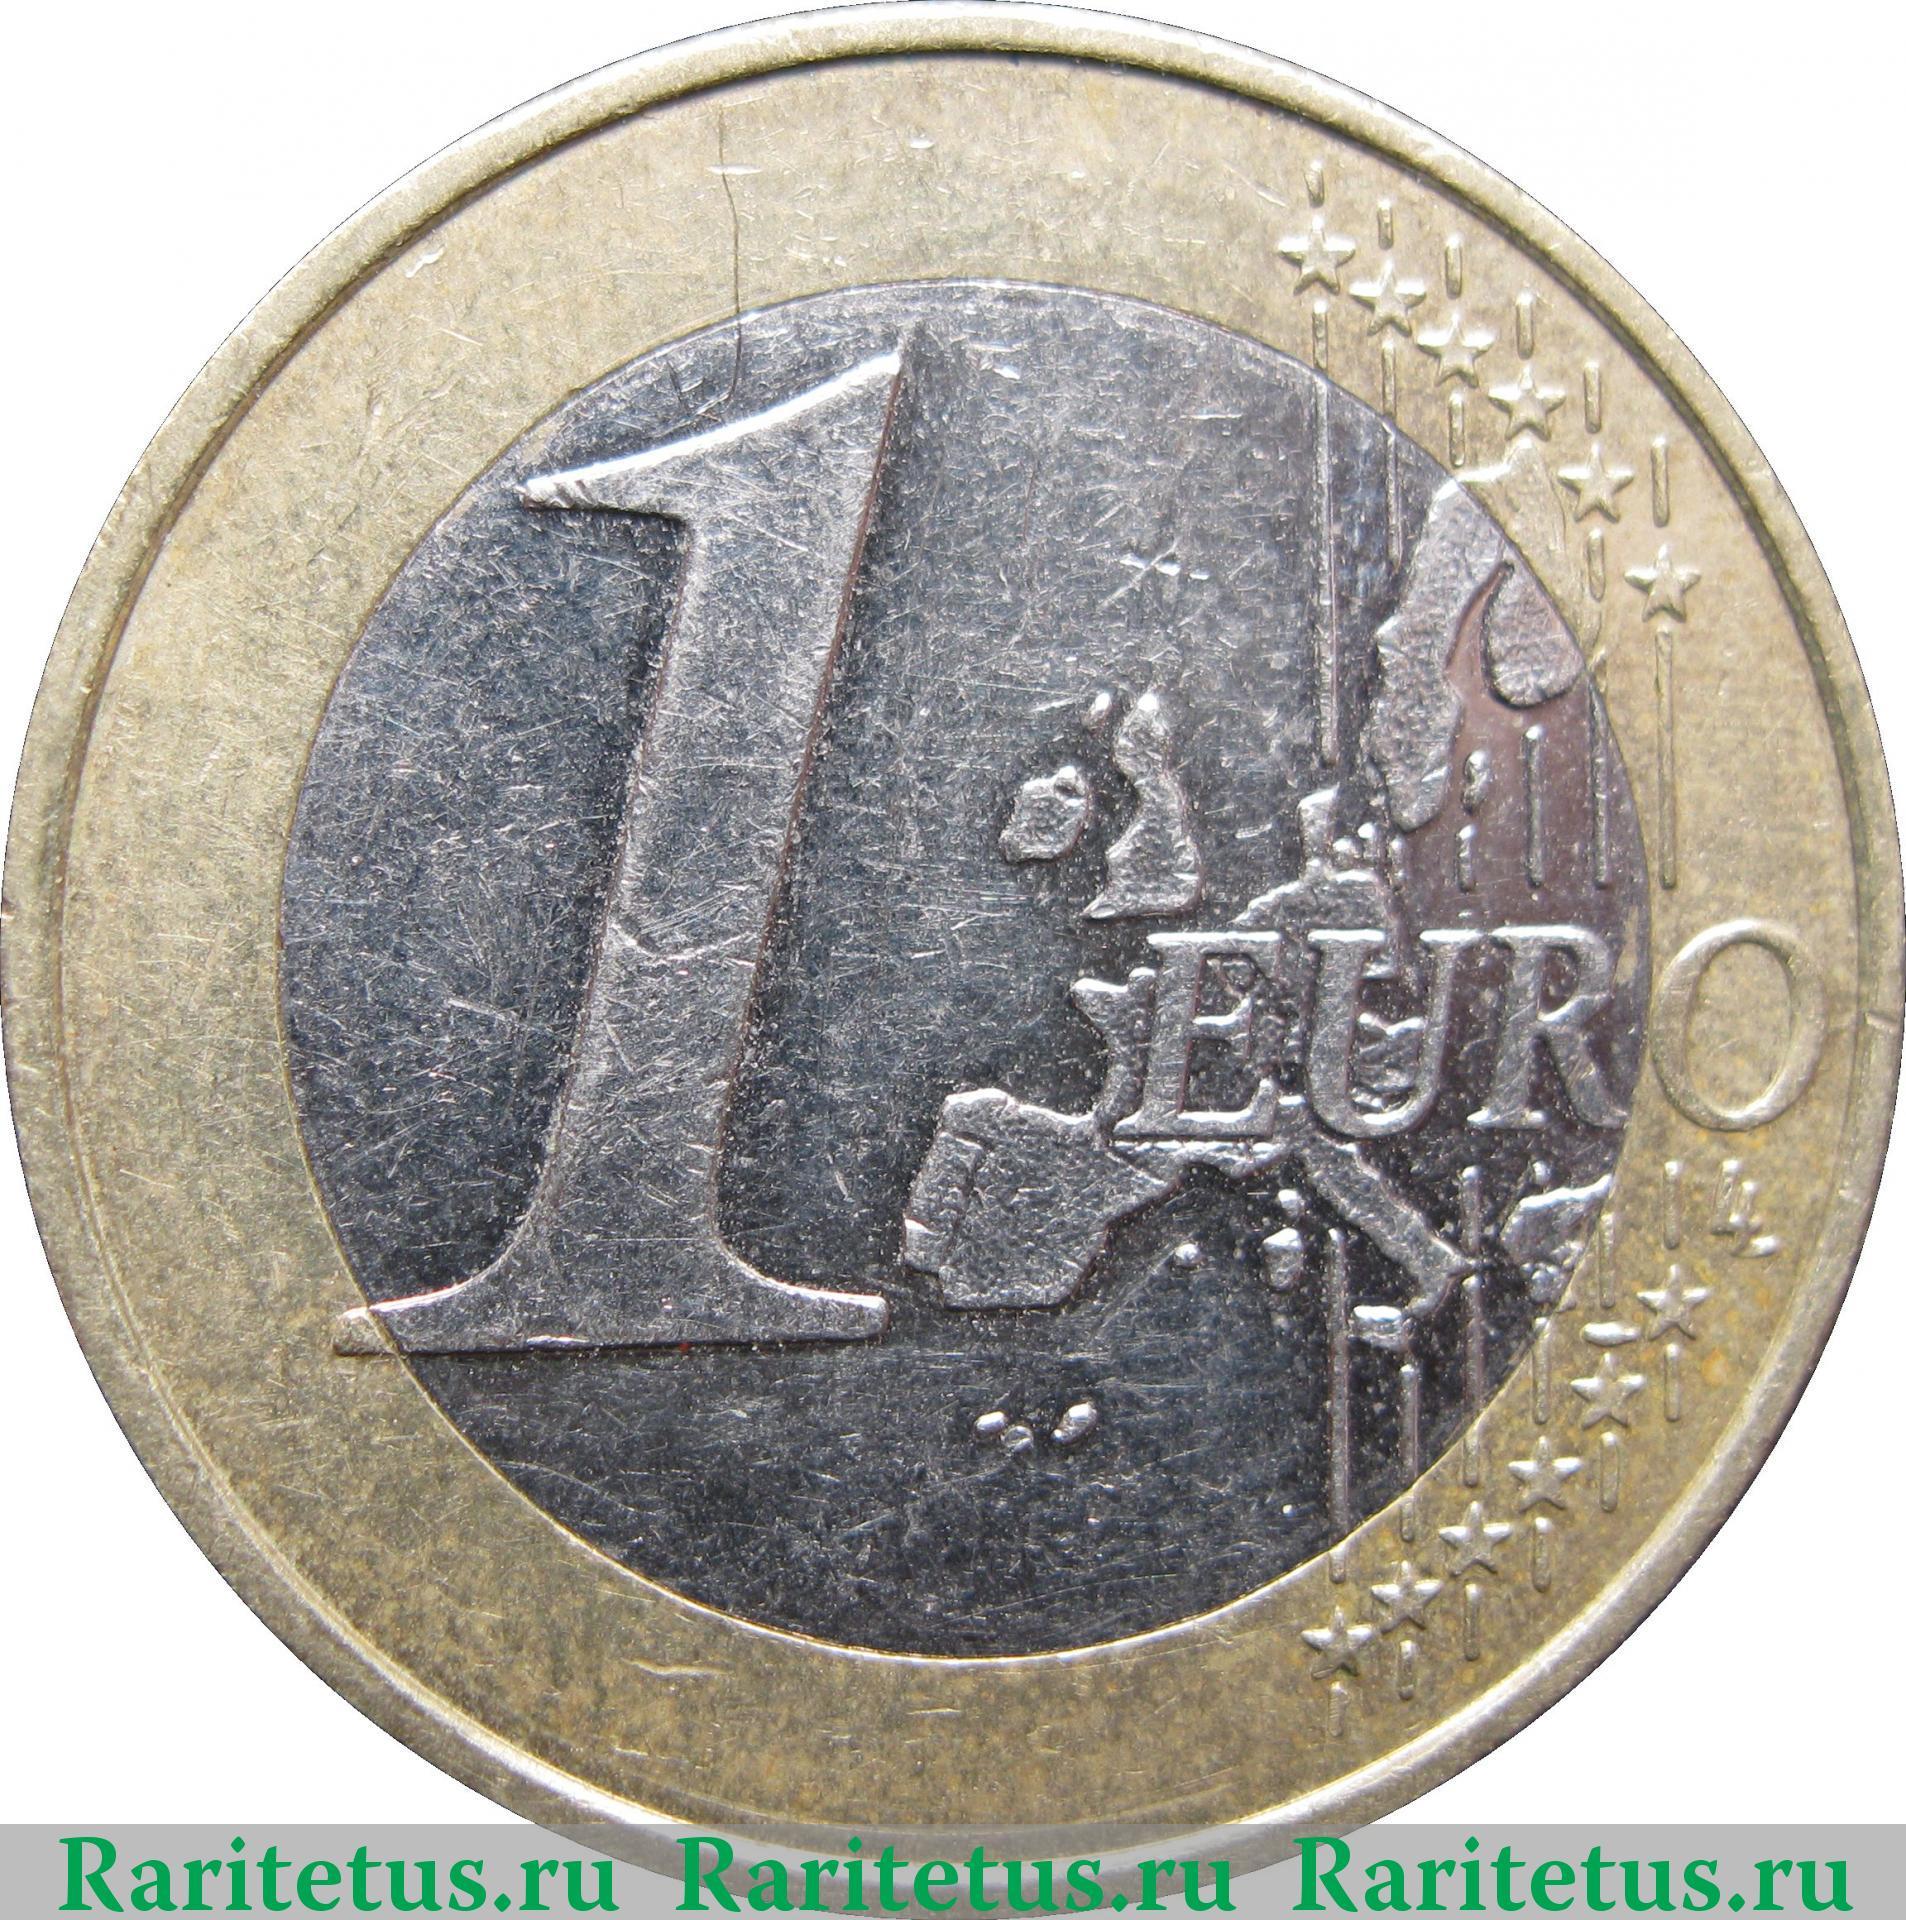 1 евро 1999 года цена франция денга 1740 года цена